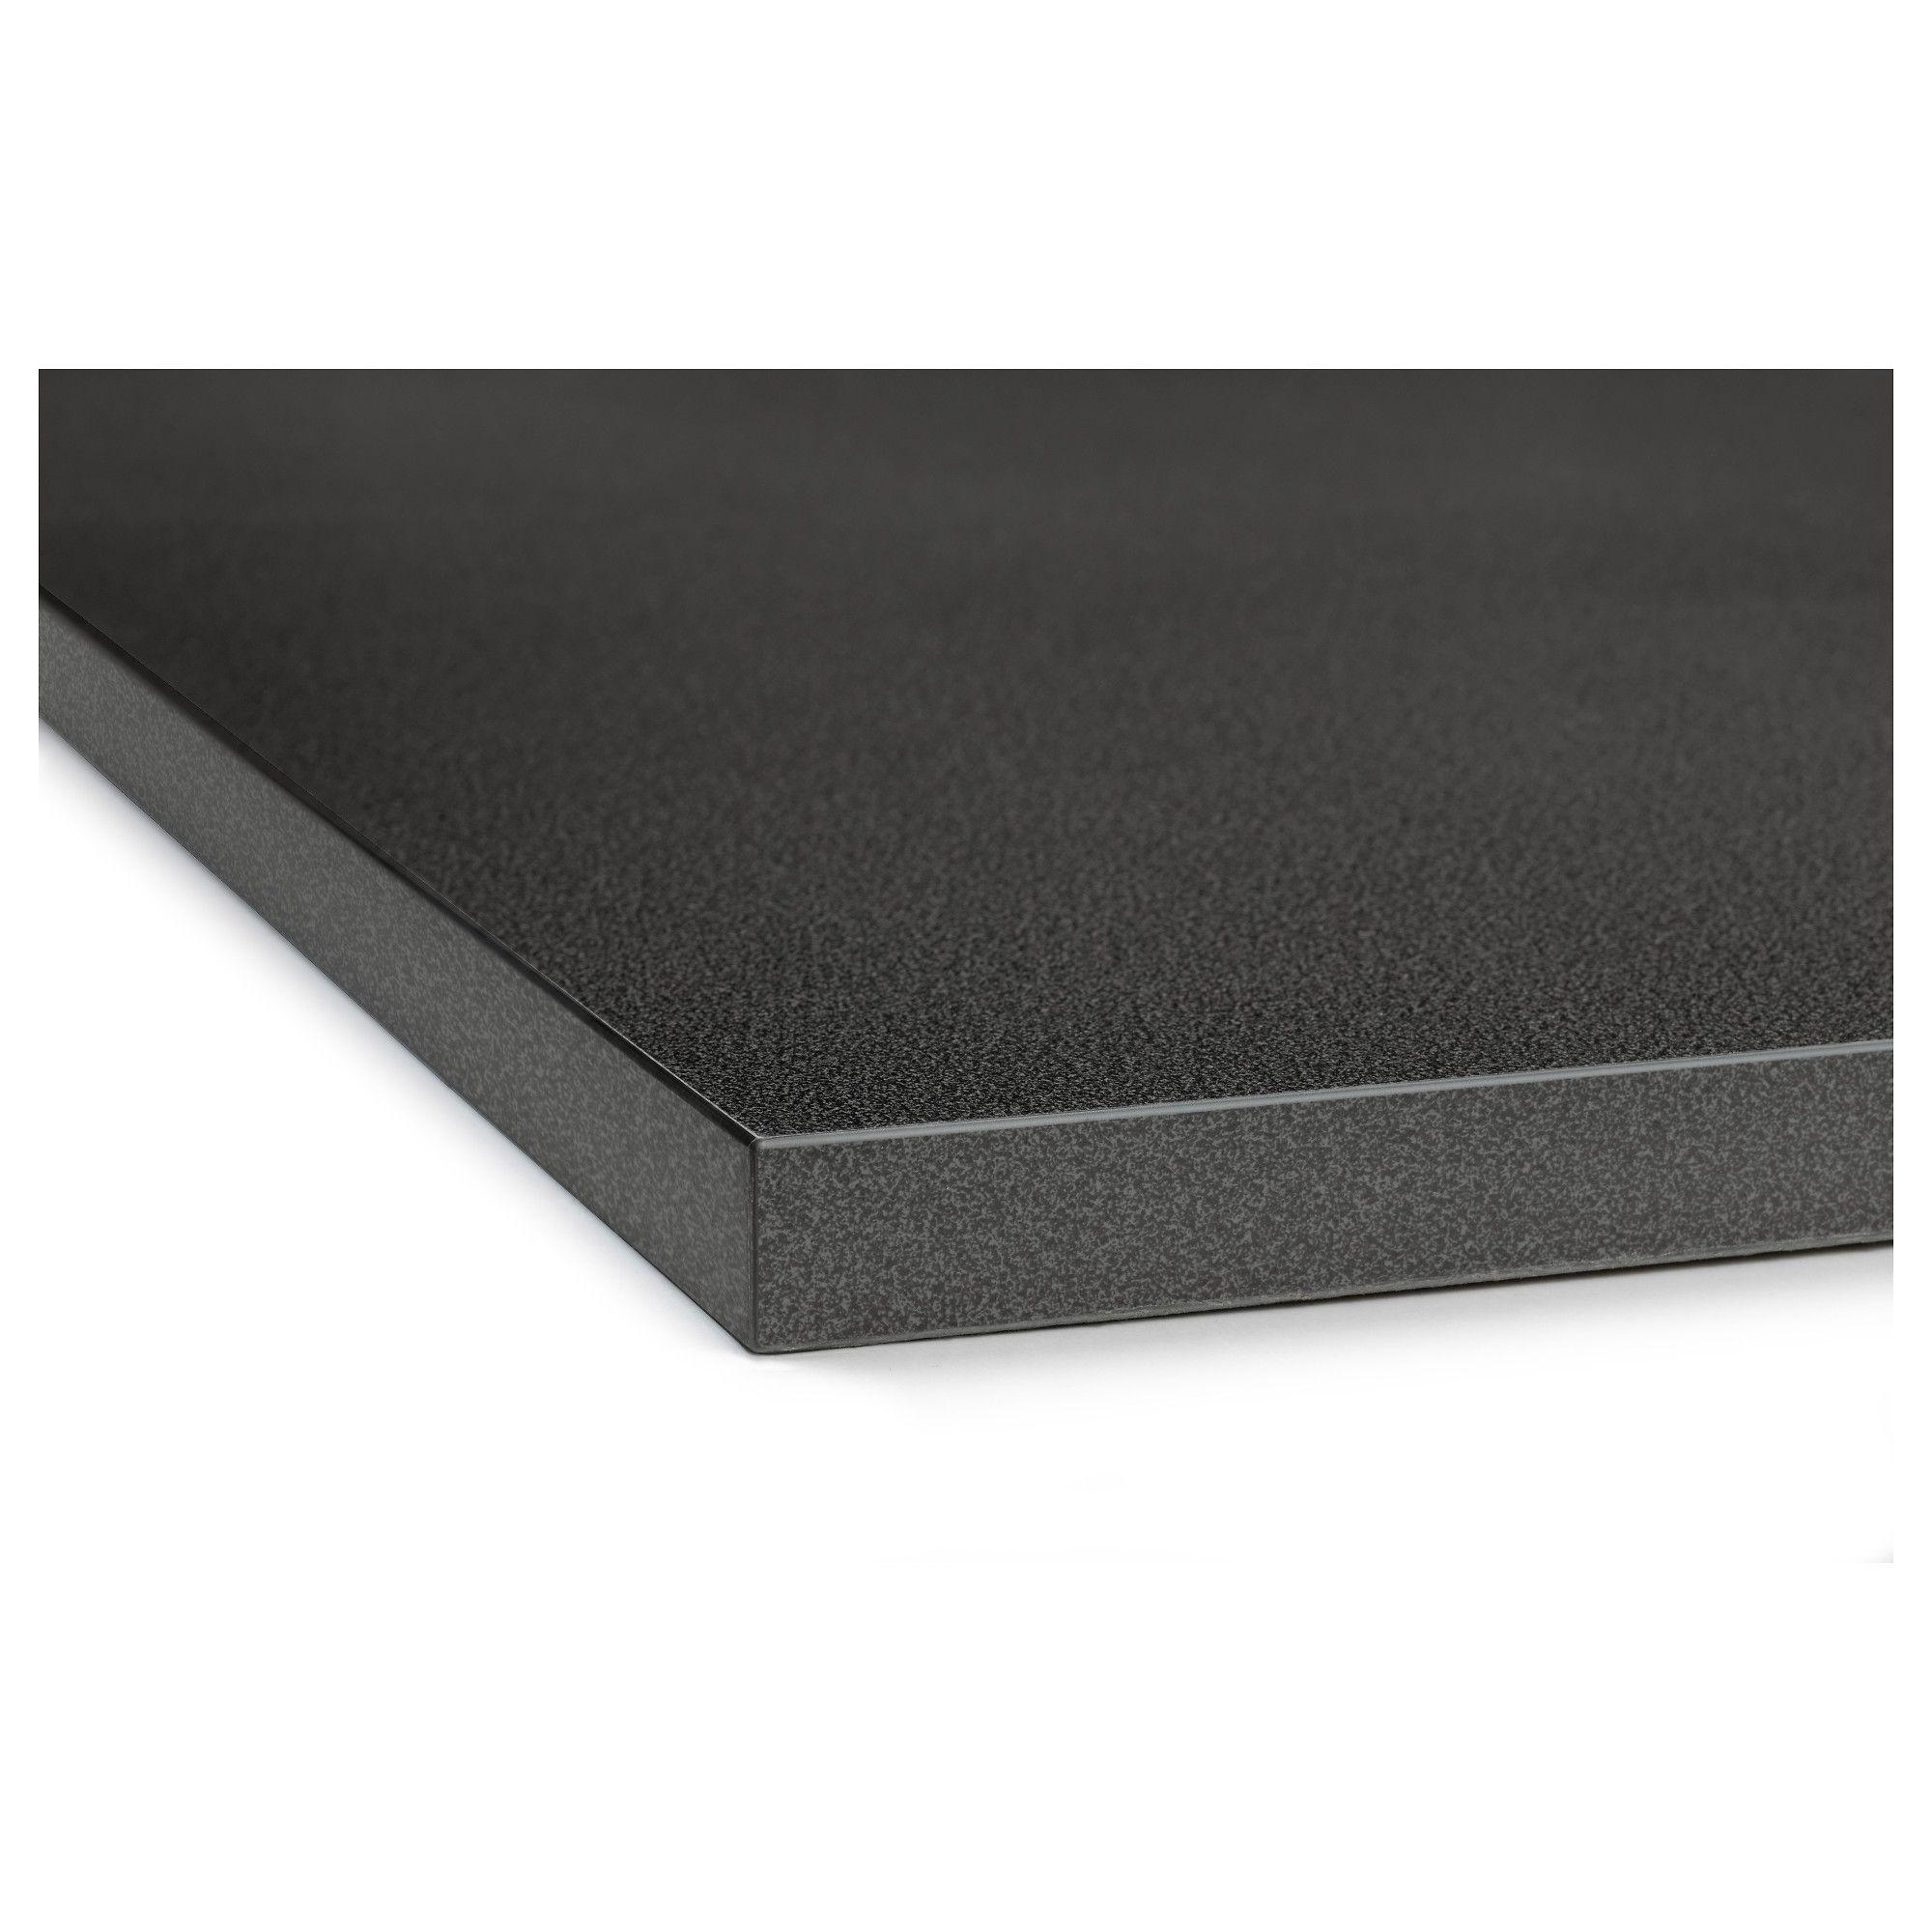 Ikea Ekbacken Countertop Black Stone Effect Countertops